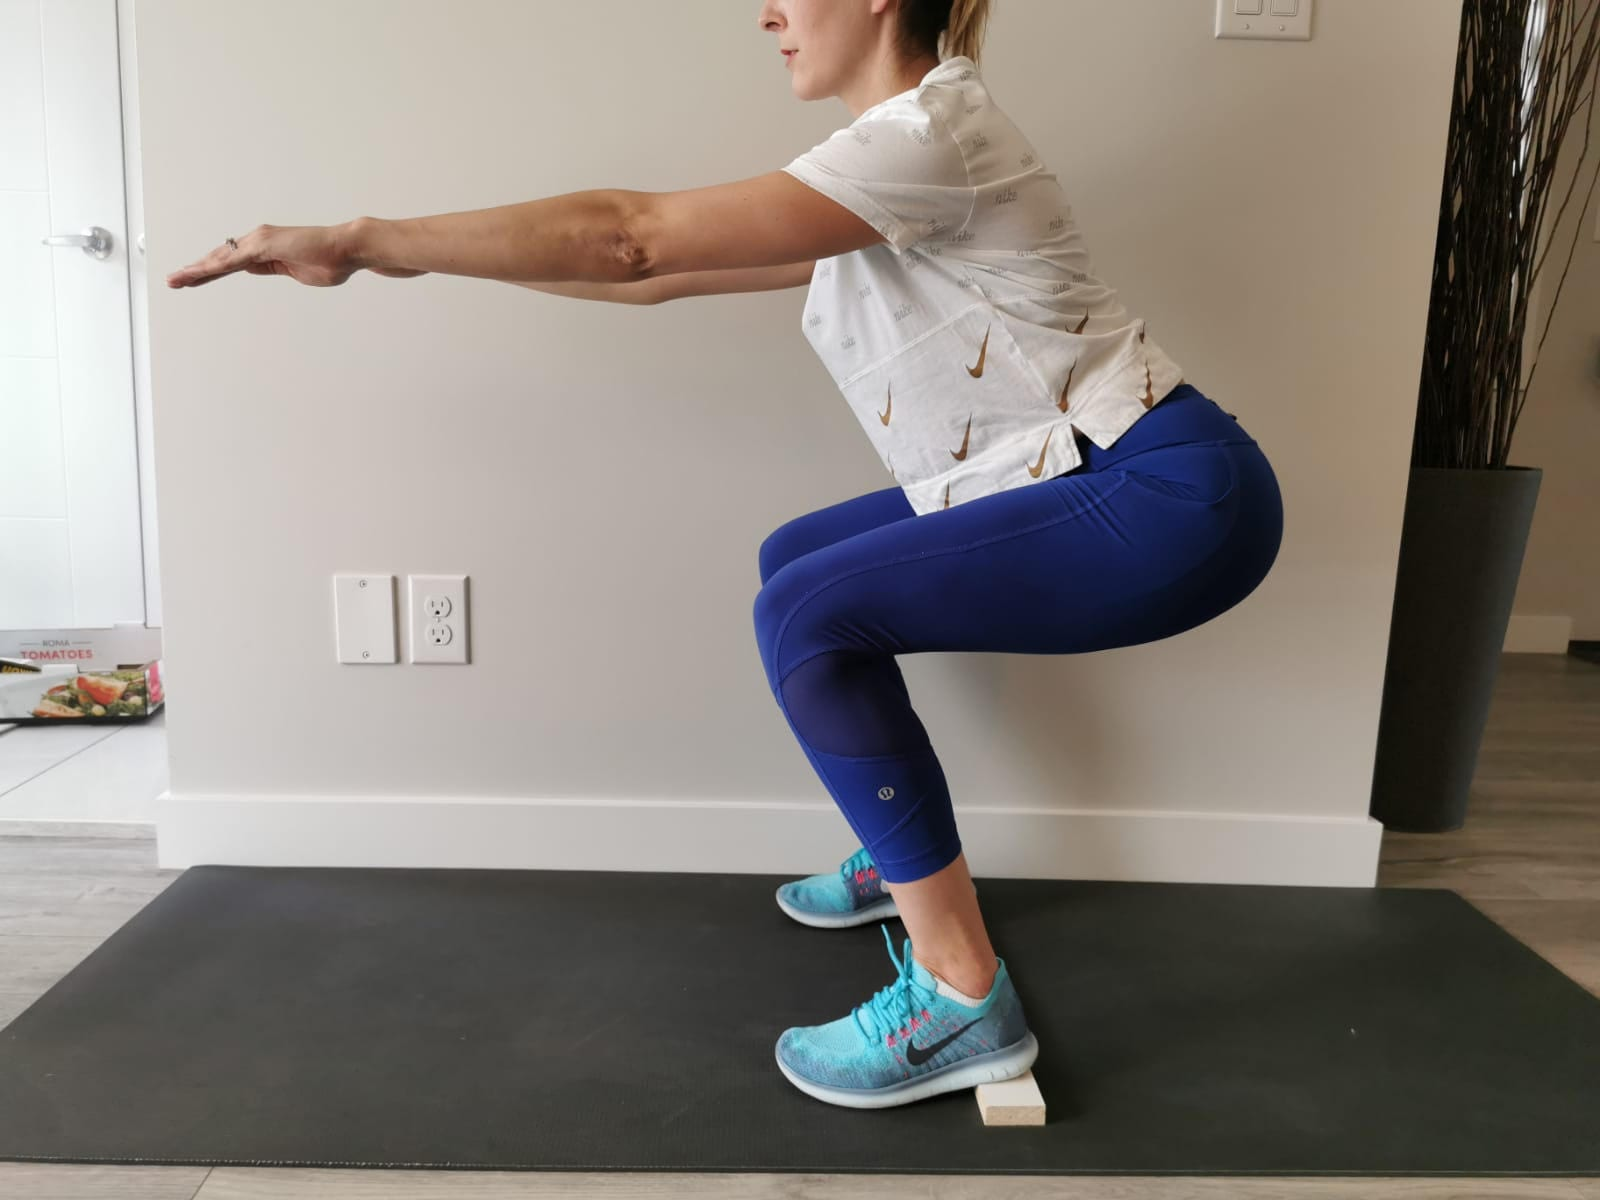 Feet Elevated Squats - Improve Your Squats